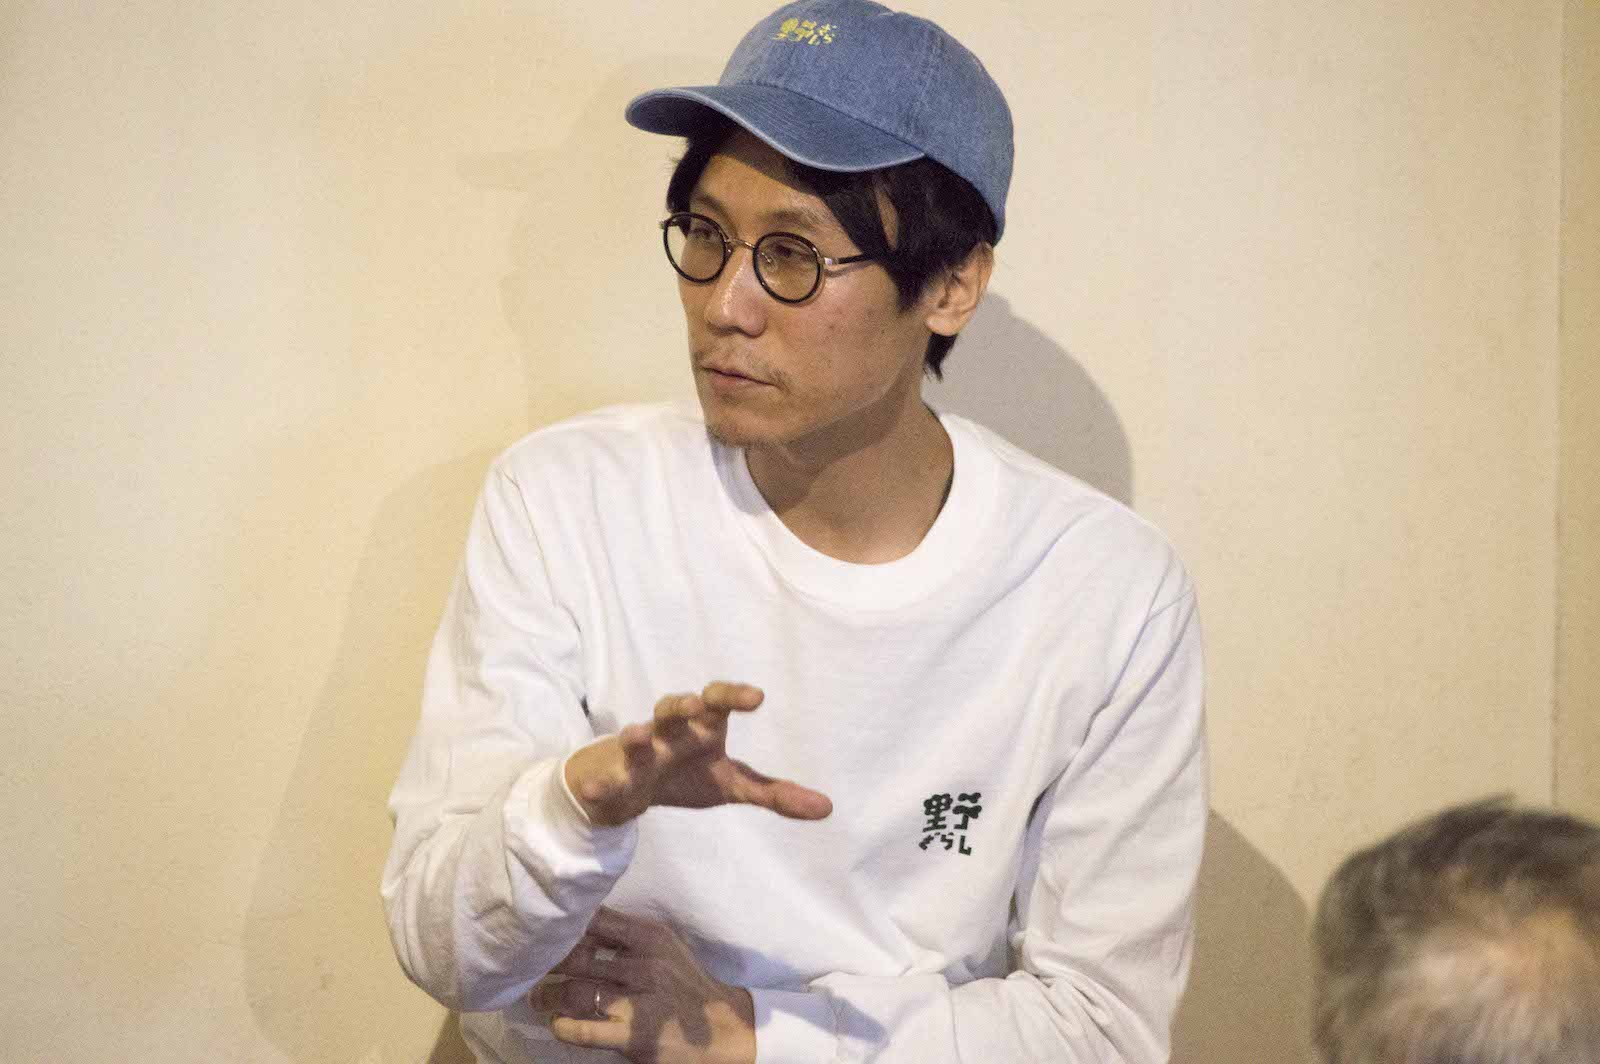 中島晴矢(なかじま はるや) アーティスト。1989年神奈川県生まれ。法政大学文学部日本文学科卒業、美学校修了。美学校「現代アートの勝手口」講師、「喫茶野ざらし」ディレクター。美術、音楽からパフォーマンス、批評まで、インディペンデントとして多様な場やヒトと関わりながら領域横断的な活動を展開。主な個展に「東京を鼻から吸って踊れ」(gallery αM)、グループ展に「TOKYO2021」(TODA BUILDING)、アルバムにStag Beat「From Insect Cage」など。